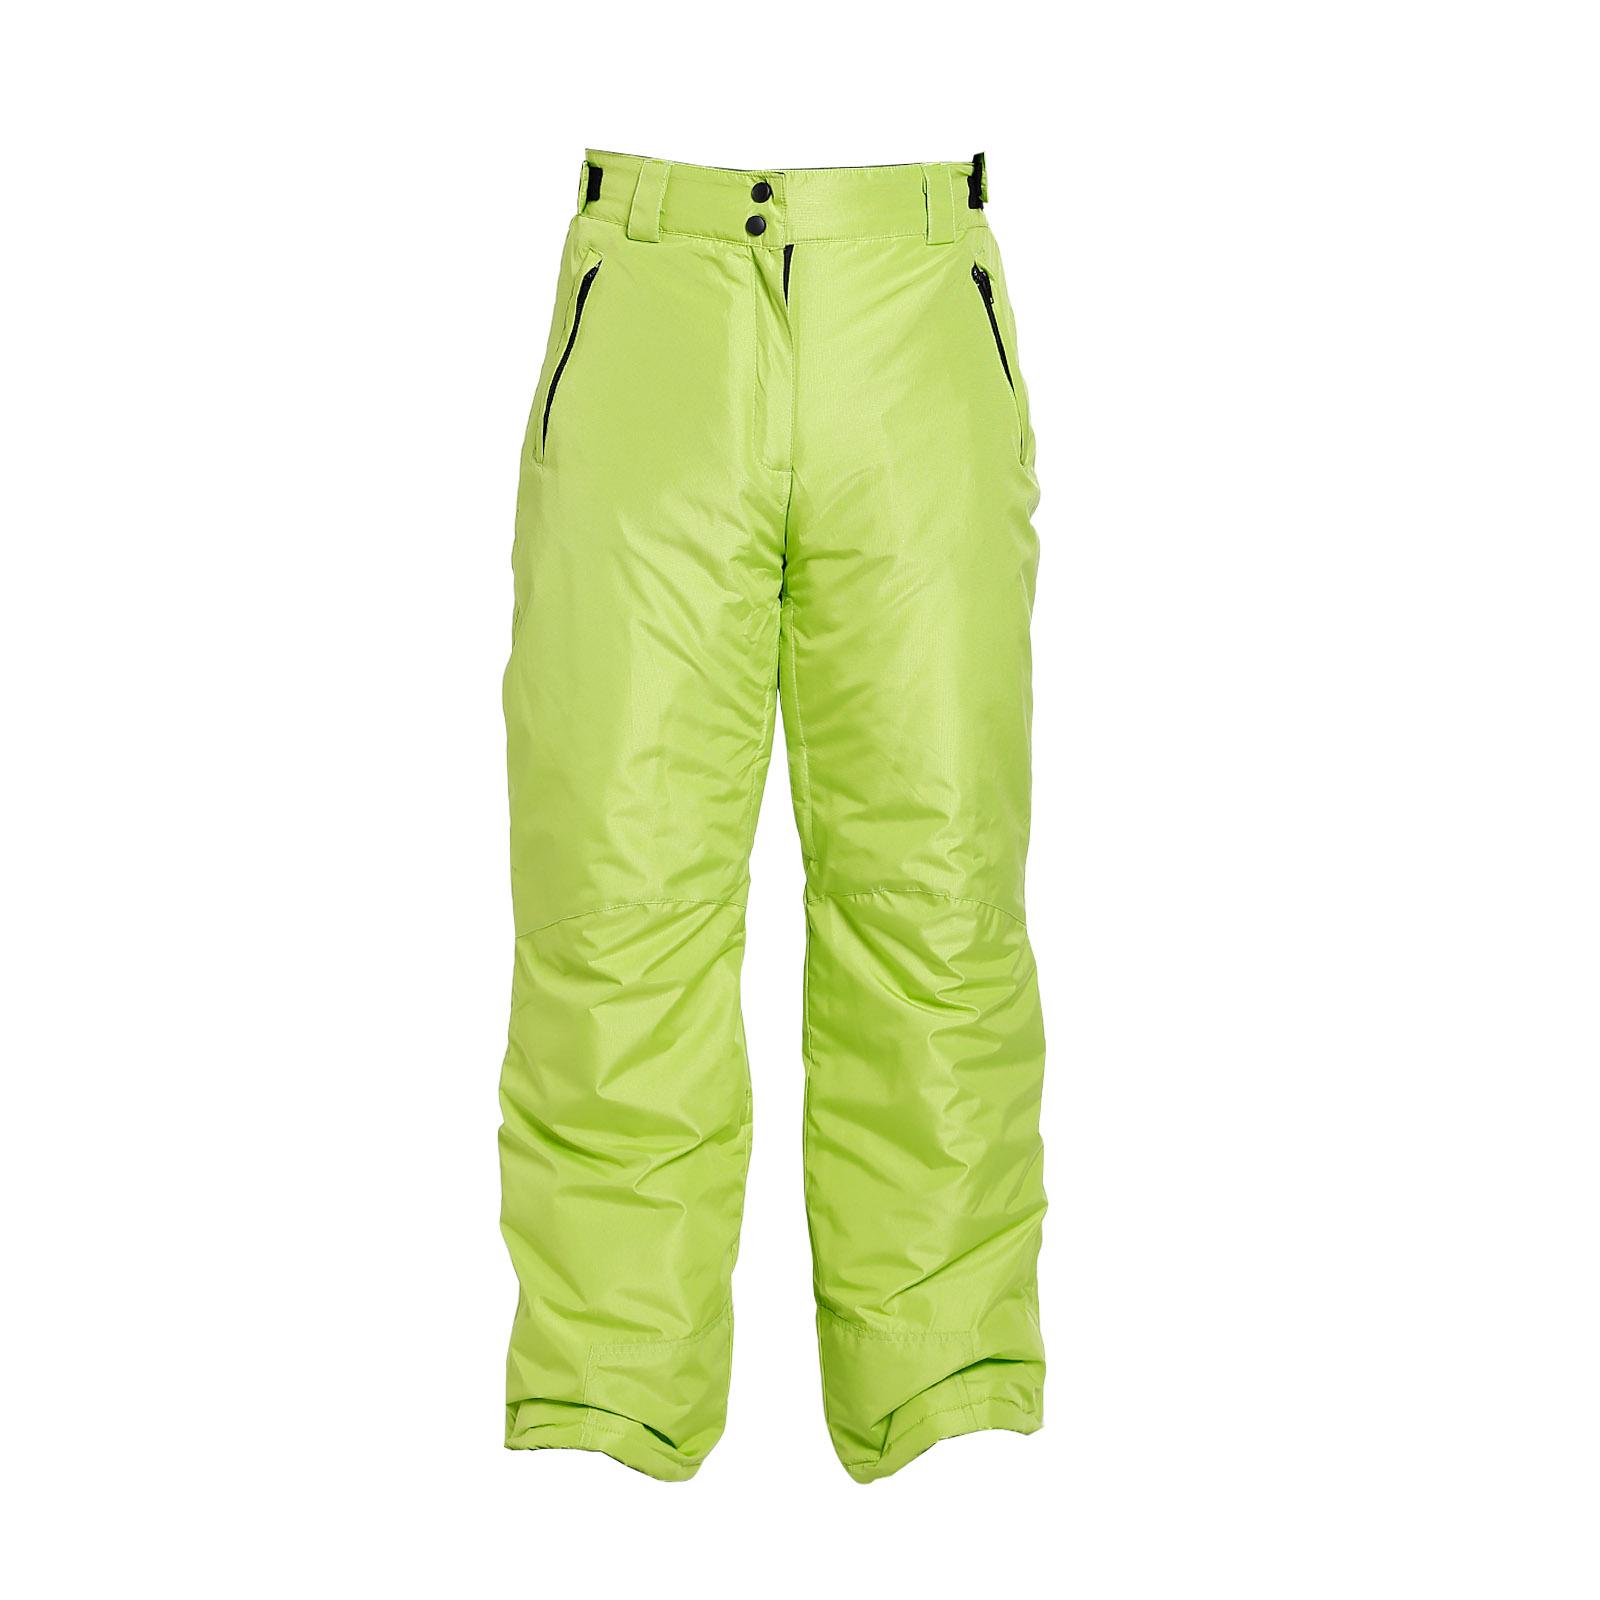 Adult size snow pants